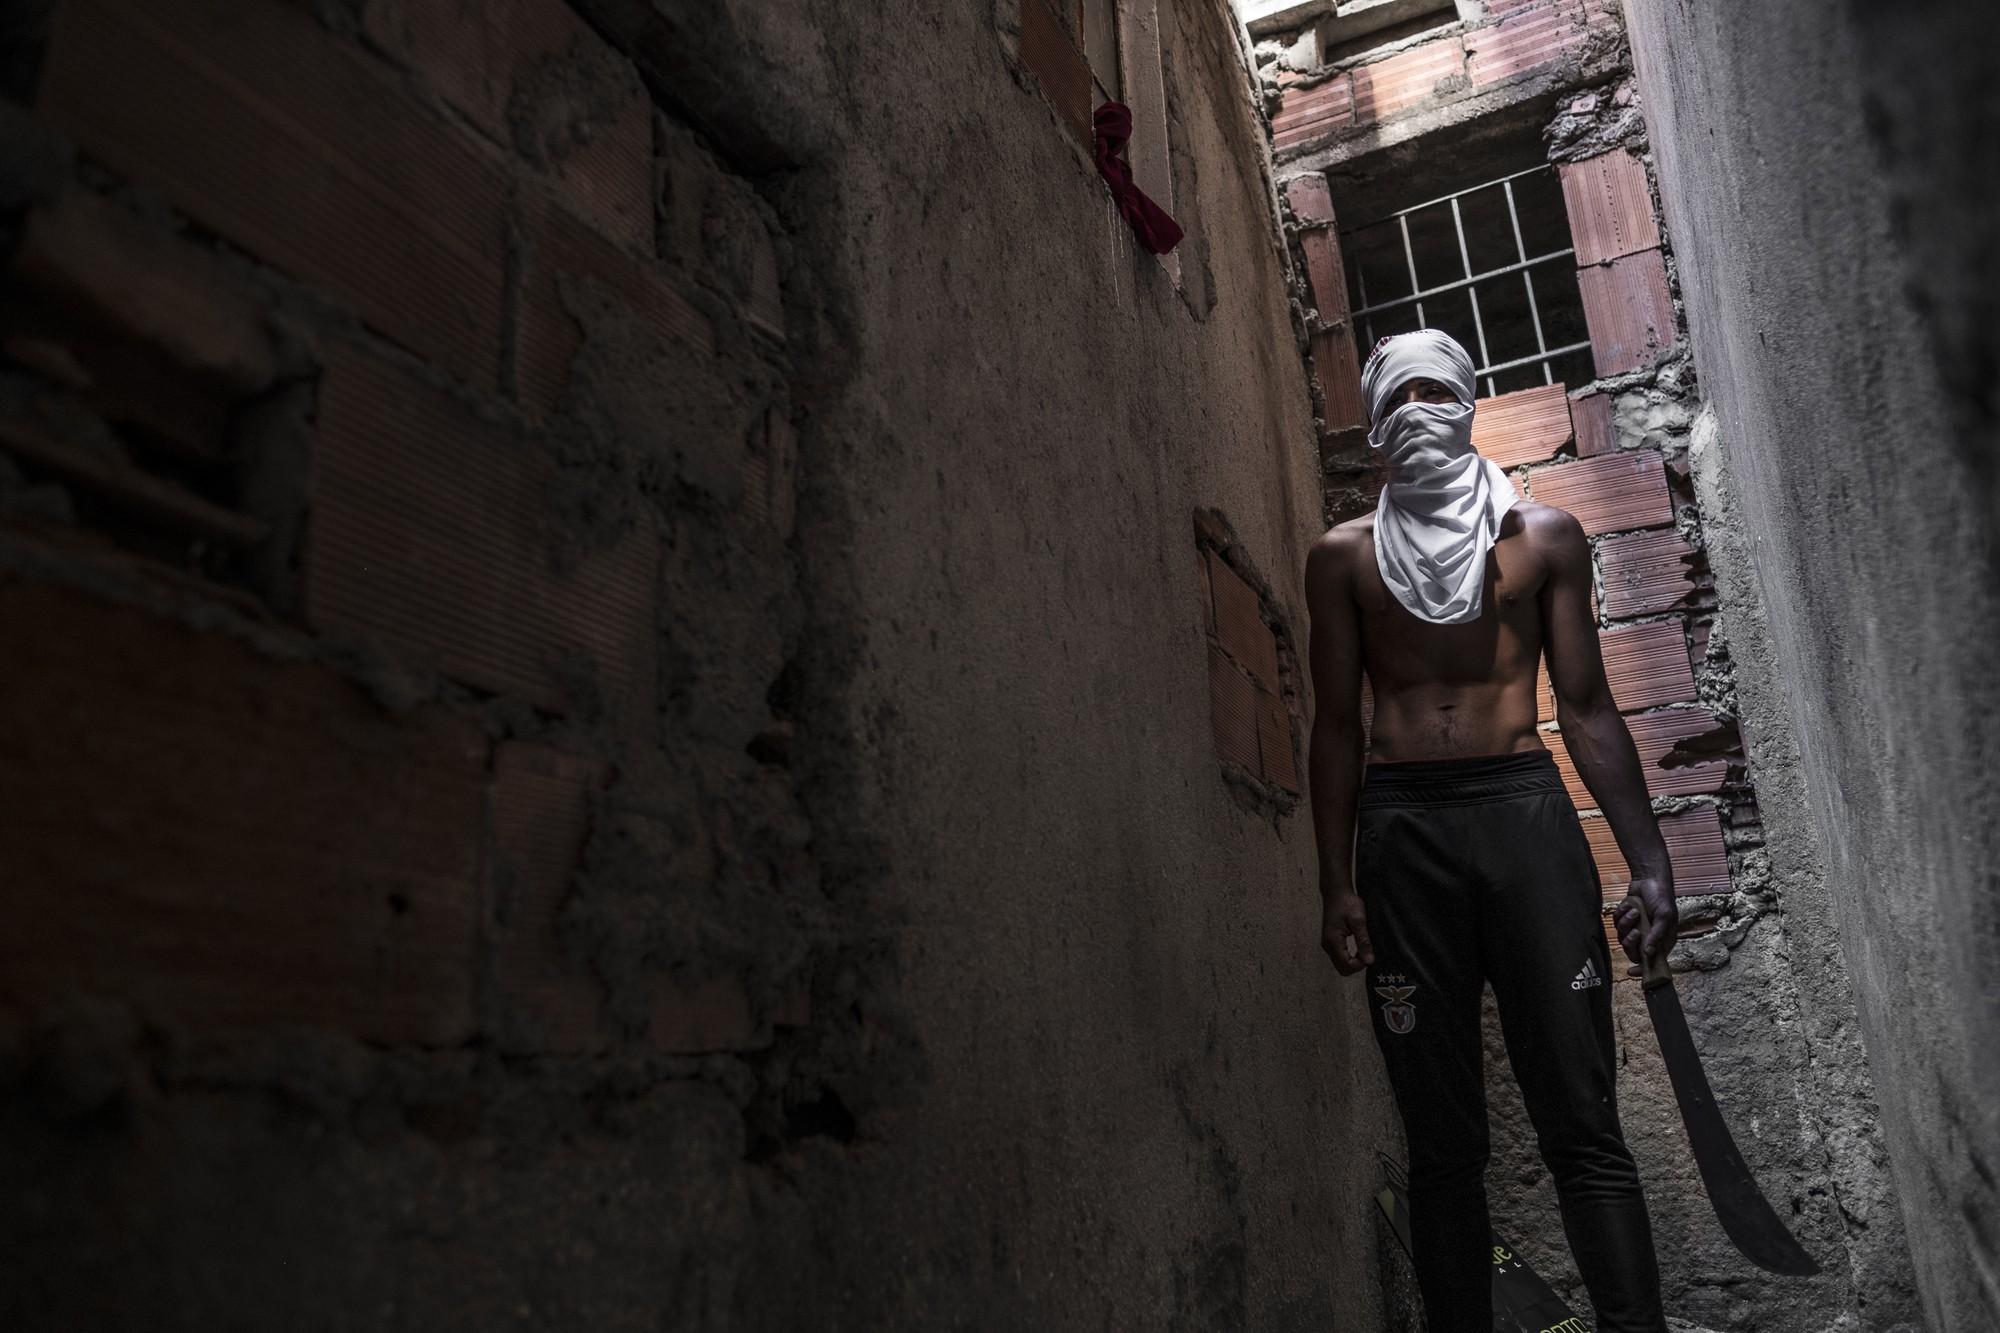 Mặt tối cuộc sống mang tên 6 de Maio: Những gì diễn ra bên trong khu phố nguy hiểm bậc nhất Bồ Đào Nha - Ảnh 10.